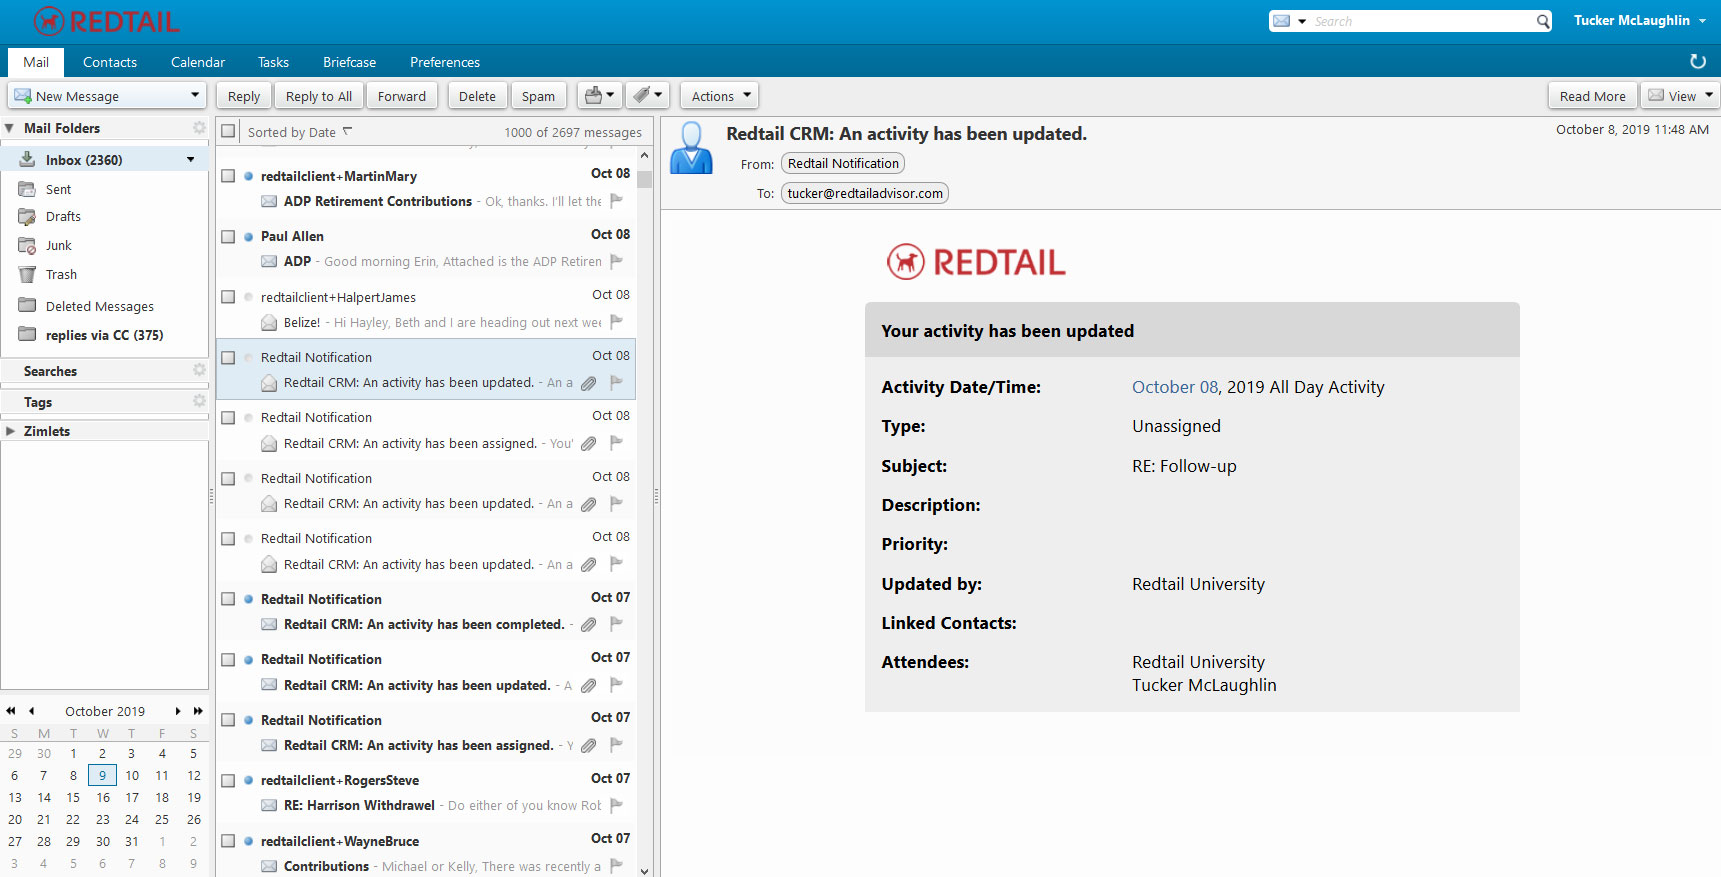 Redtail email webmail platform screenshot